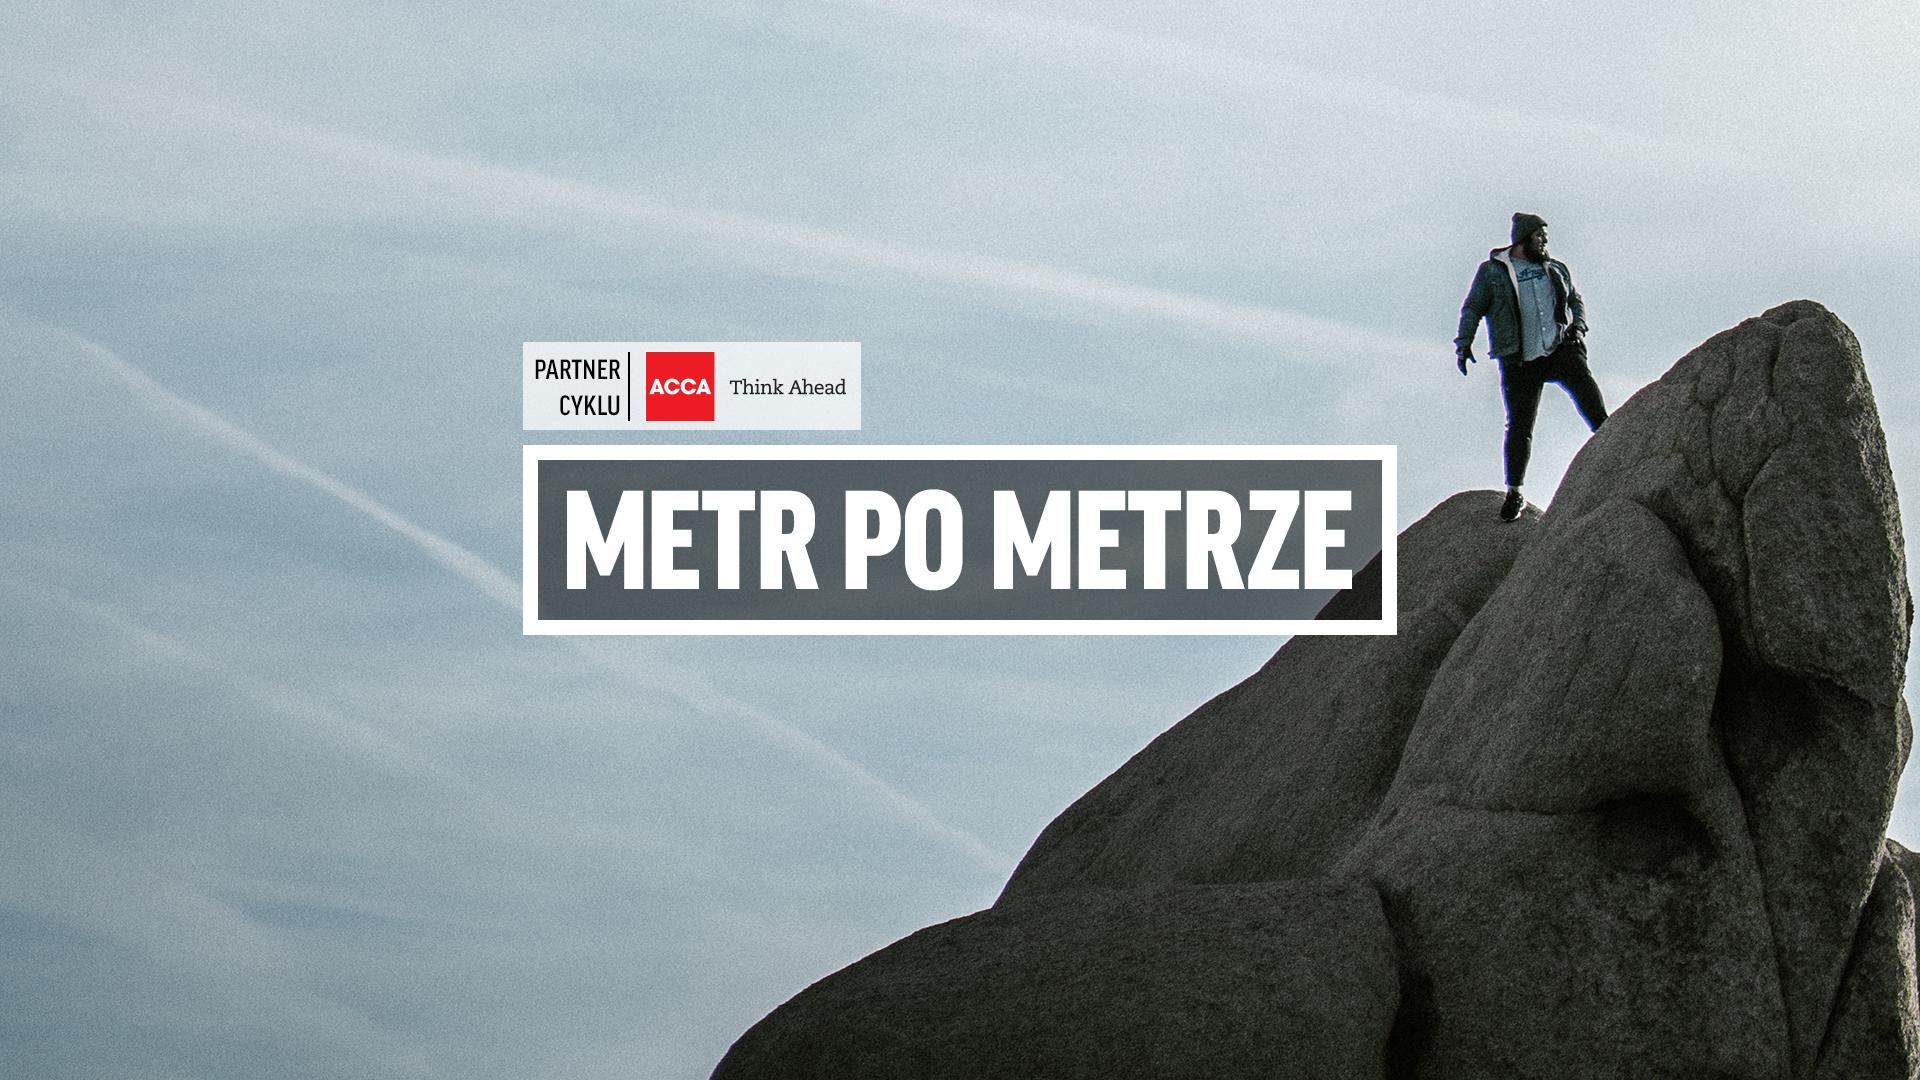 Nawet najwyższą górę zdobywa się metr po metrze